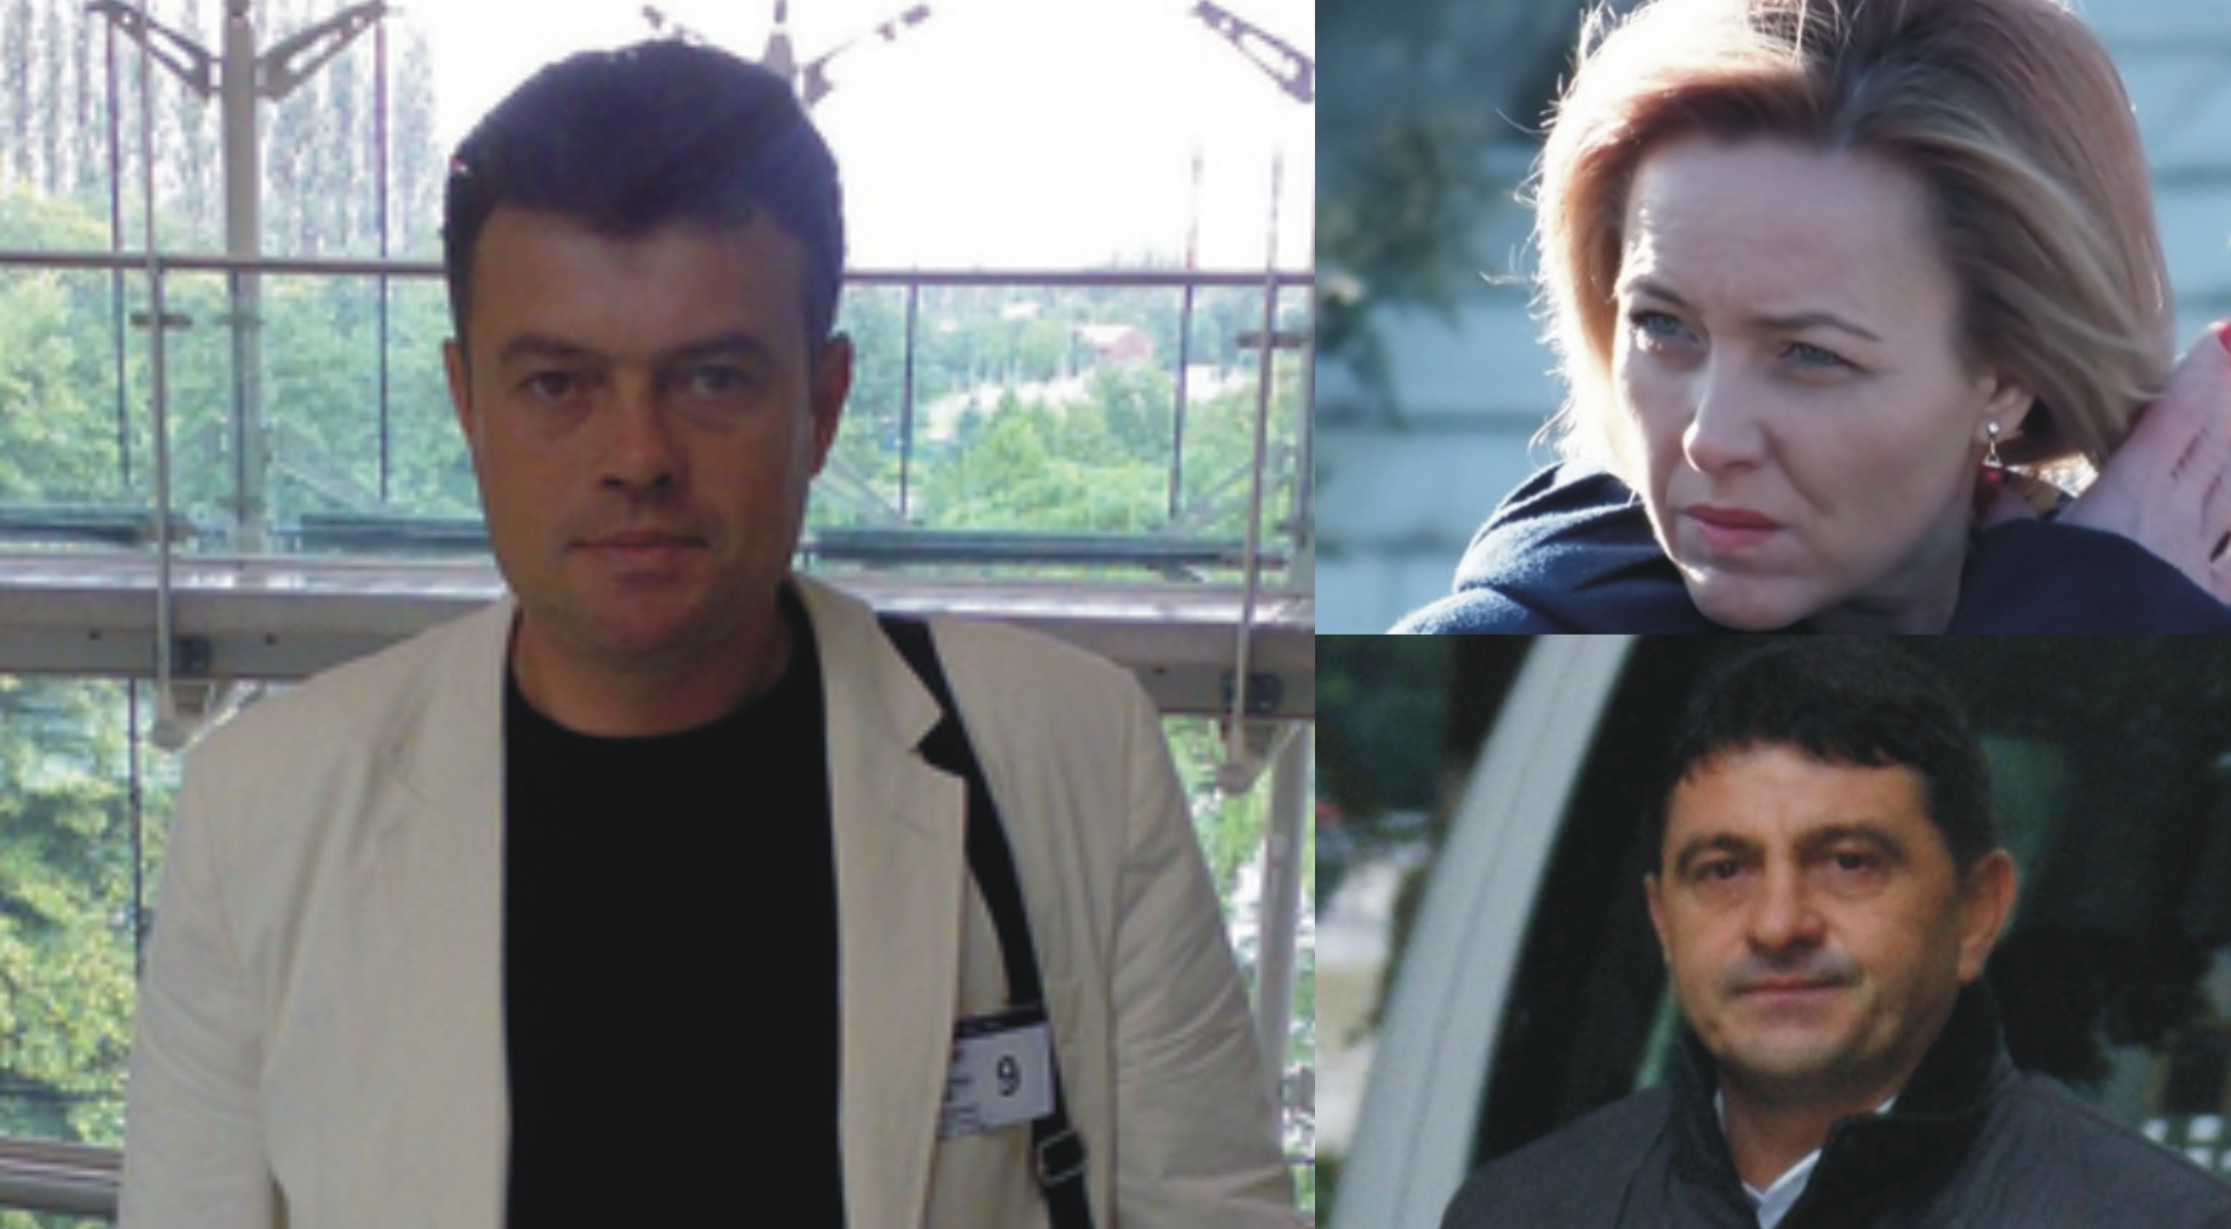 Plângere penală împotriva prefectului Dan Carmen Daniela și a primarului Dănuț Cuclea